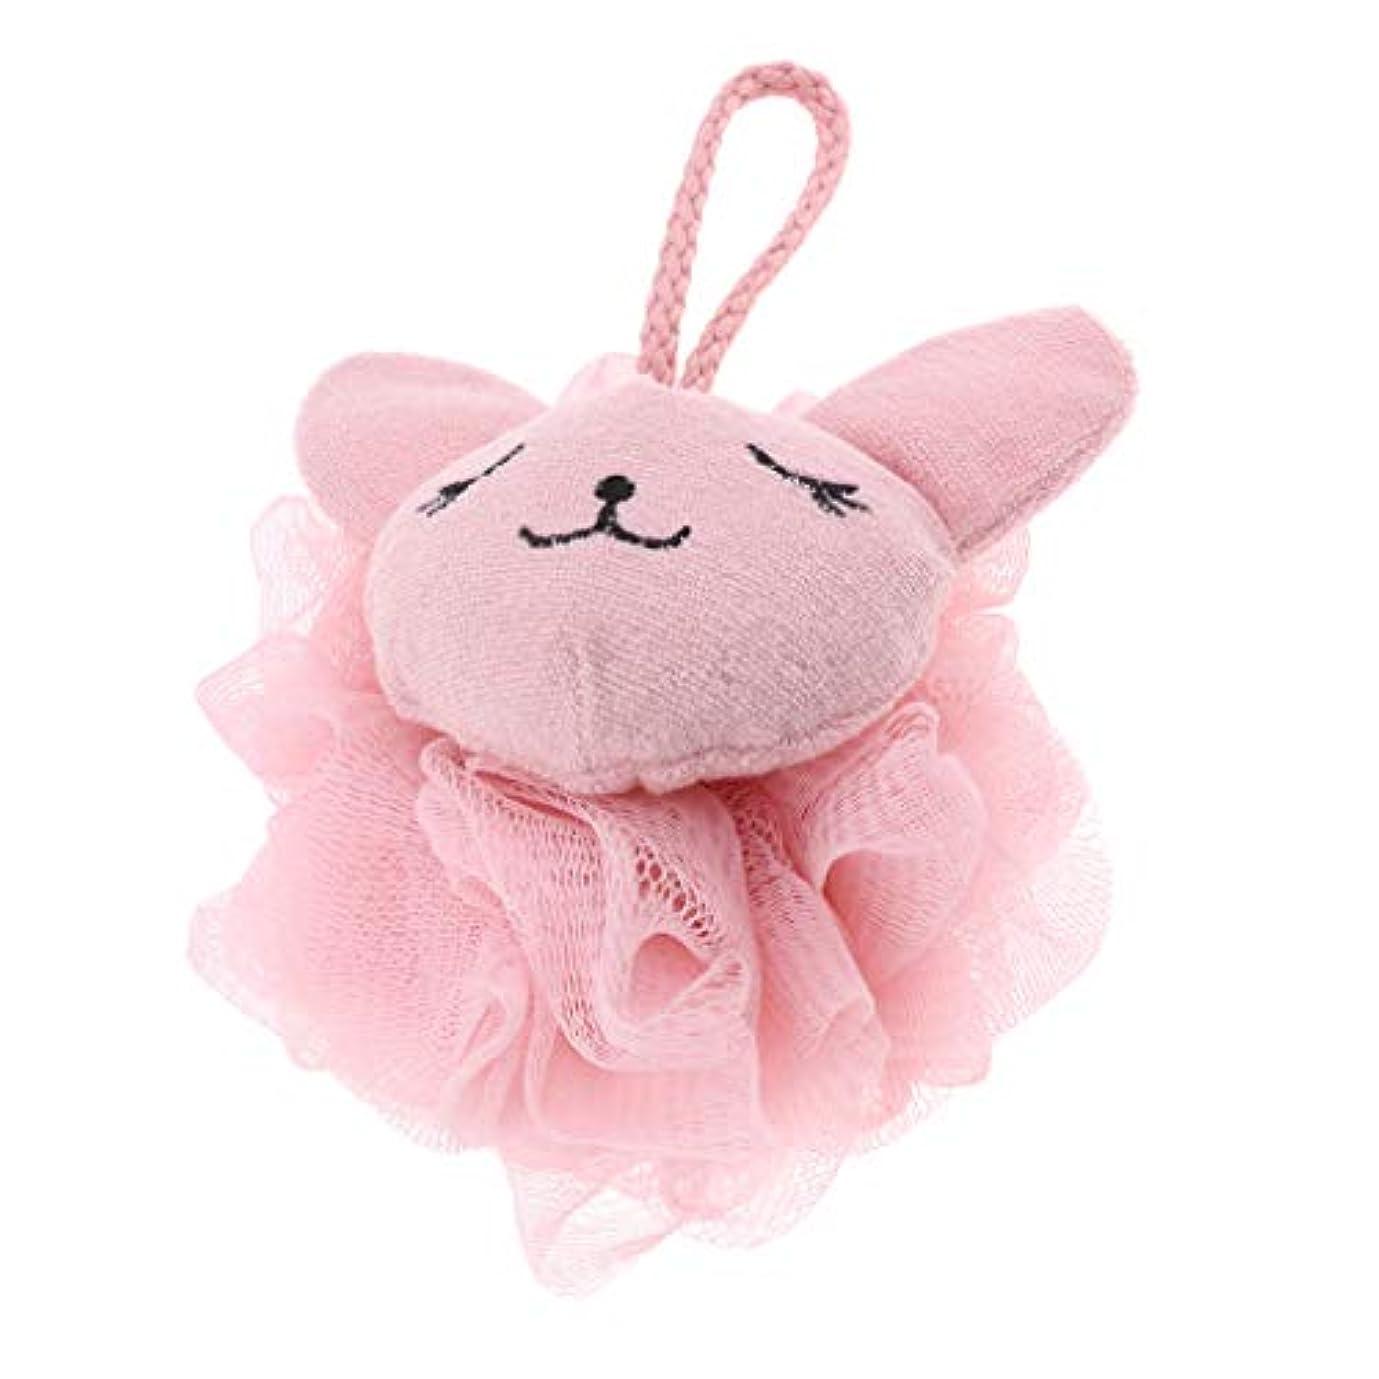 快い箱乳CUTICATE シャワーボール ボディスポンジ 漫画 動物 お風呂 バスグッズ 体洗い 柔らか 快適 全2色 - ピンク